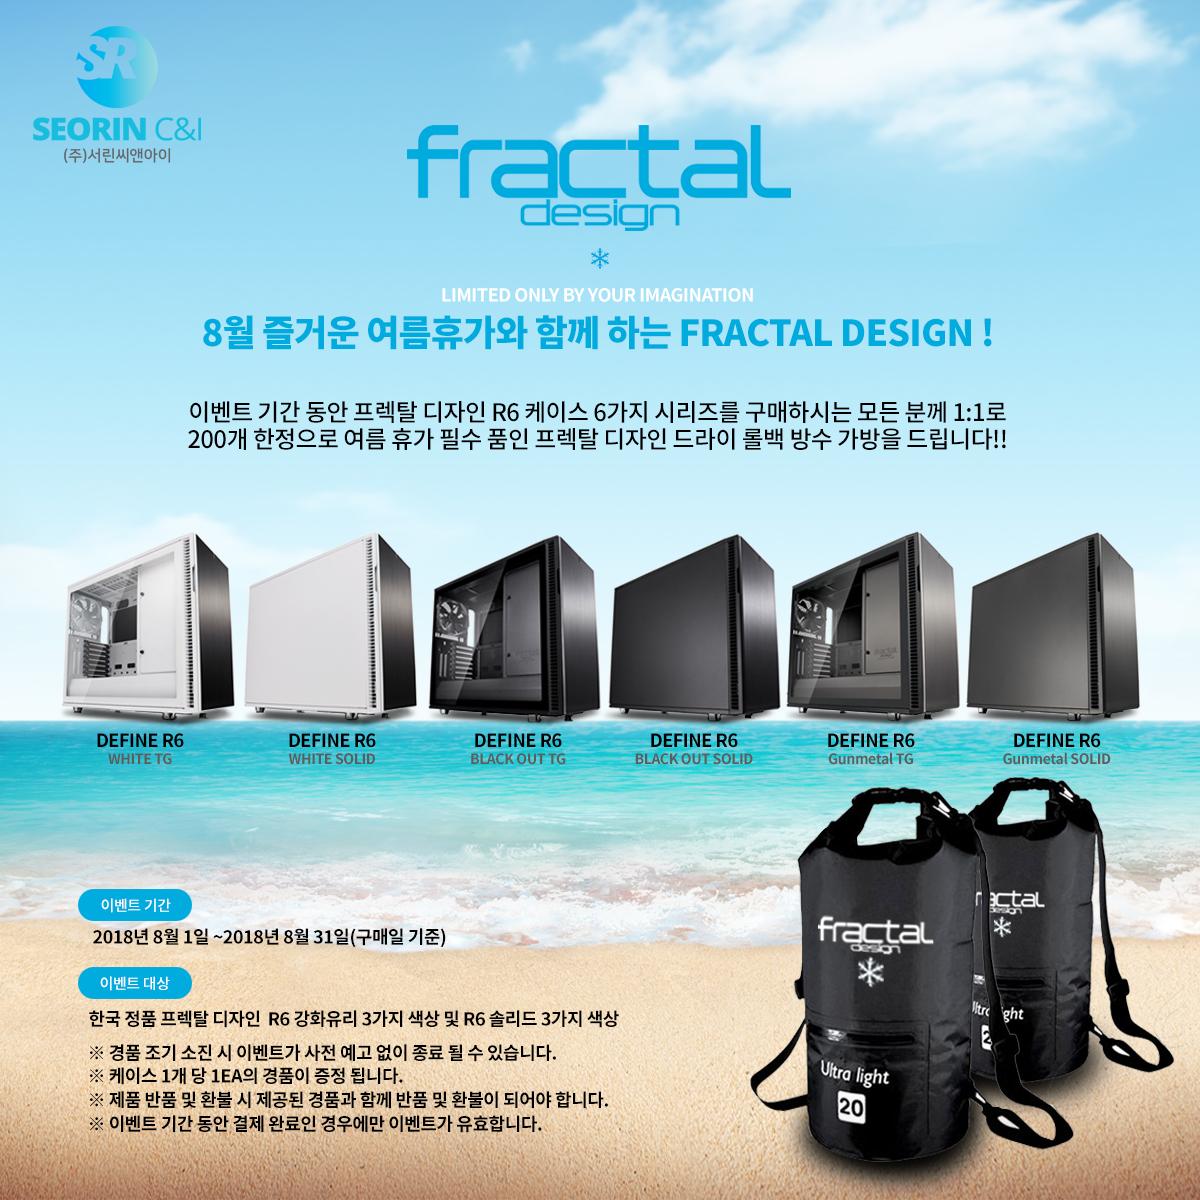 8월 즐거운 여름 휴가와 함께하는 DEFINE R6 구매시 200개 한정 드라이 롤백 방수가방 증정!